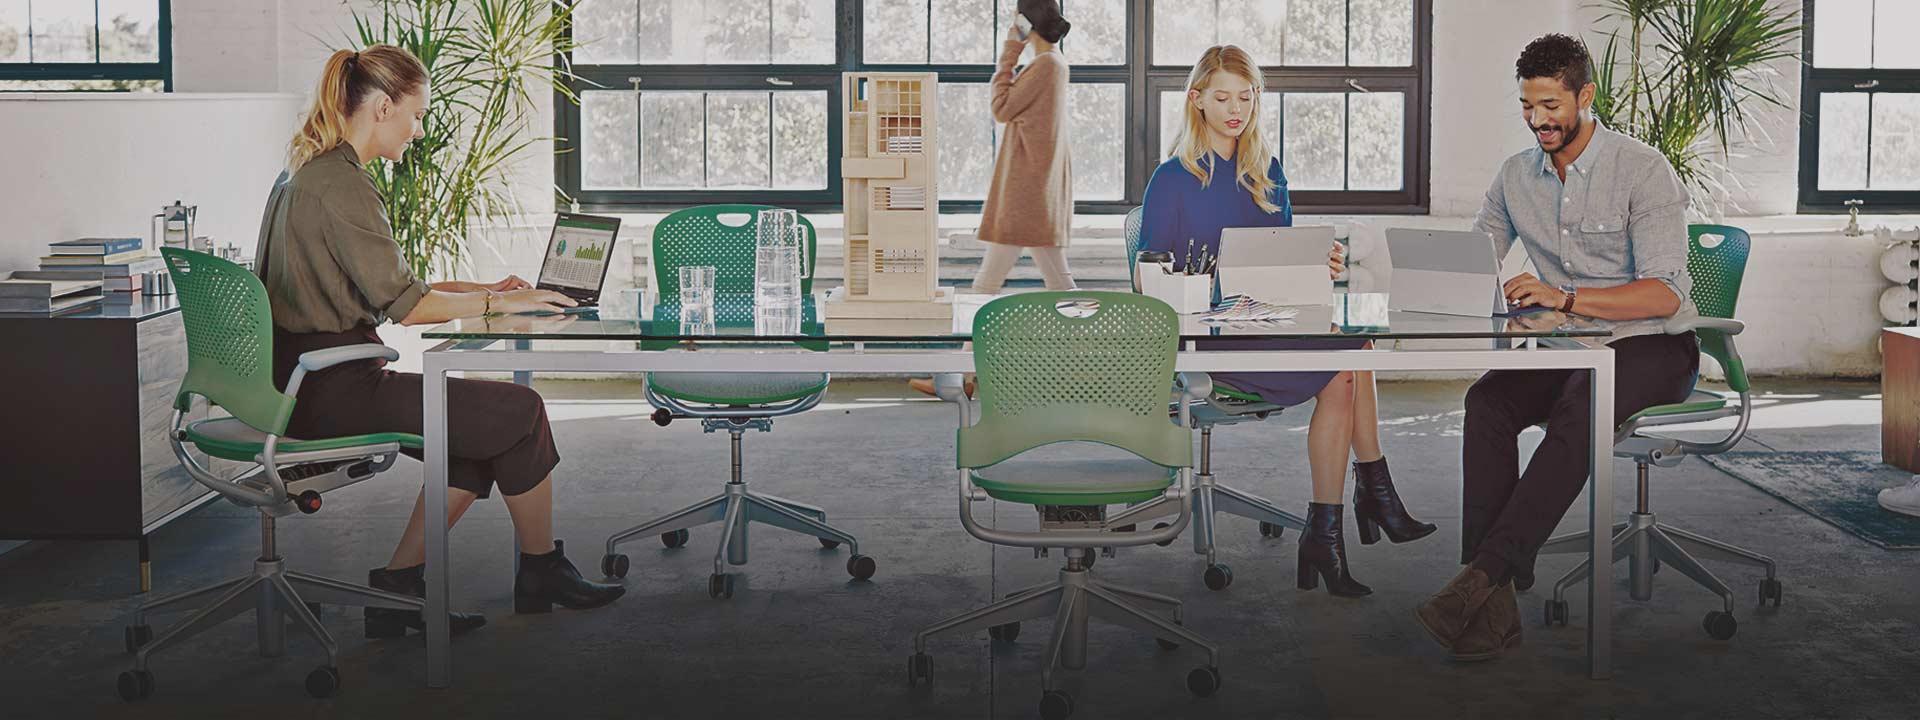 Ljudi koji rade, saznajte više o paketu Office 365